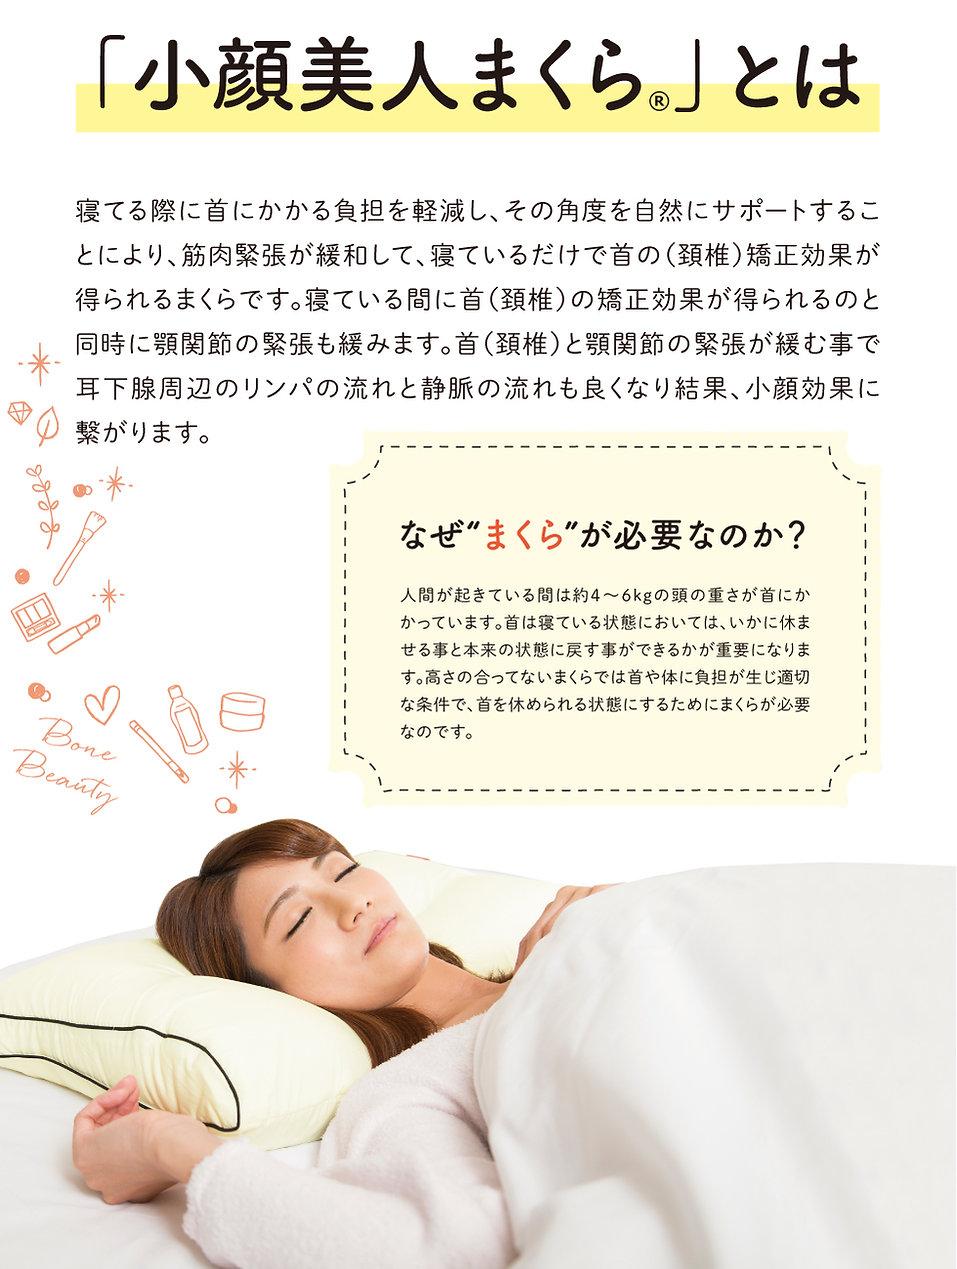 寝てる際に首にかかる負担を軽減し、その角度を自然にサポートすることにより、筋肉緊張が緩和して、寝ているだけで首の(頚椎)矯正効果が得られるまくらです。寝ている間に首(頚椎)の矯正効果が得られるのと同時に顎関節の緊張も緩みます。首(頚椎)と顎関節の緊張が緩む事で耳下腺周辺のリンパの流れと静脈の流れも良くなり結果、小顔効果に繋がります。人間が起きている間は約4~6kgの頭の重さが首にかかっています。首は寝ている状態においては、いかに休ませる事と本来の状態に戻す事ができるかが重要になります。高さの合ってないまくらでは首や体に負担が生じ適切な条件で、首を休められる状態にするためにまくらが必要なのです。